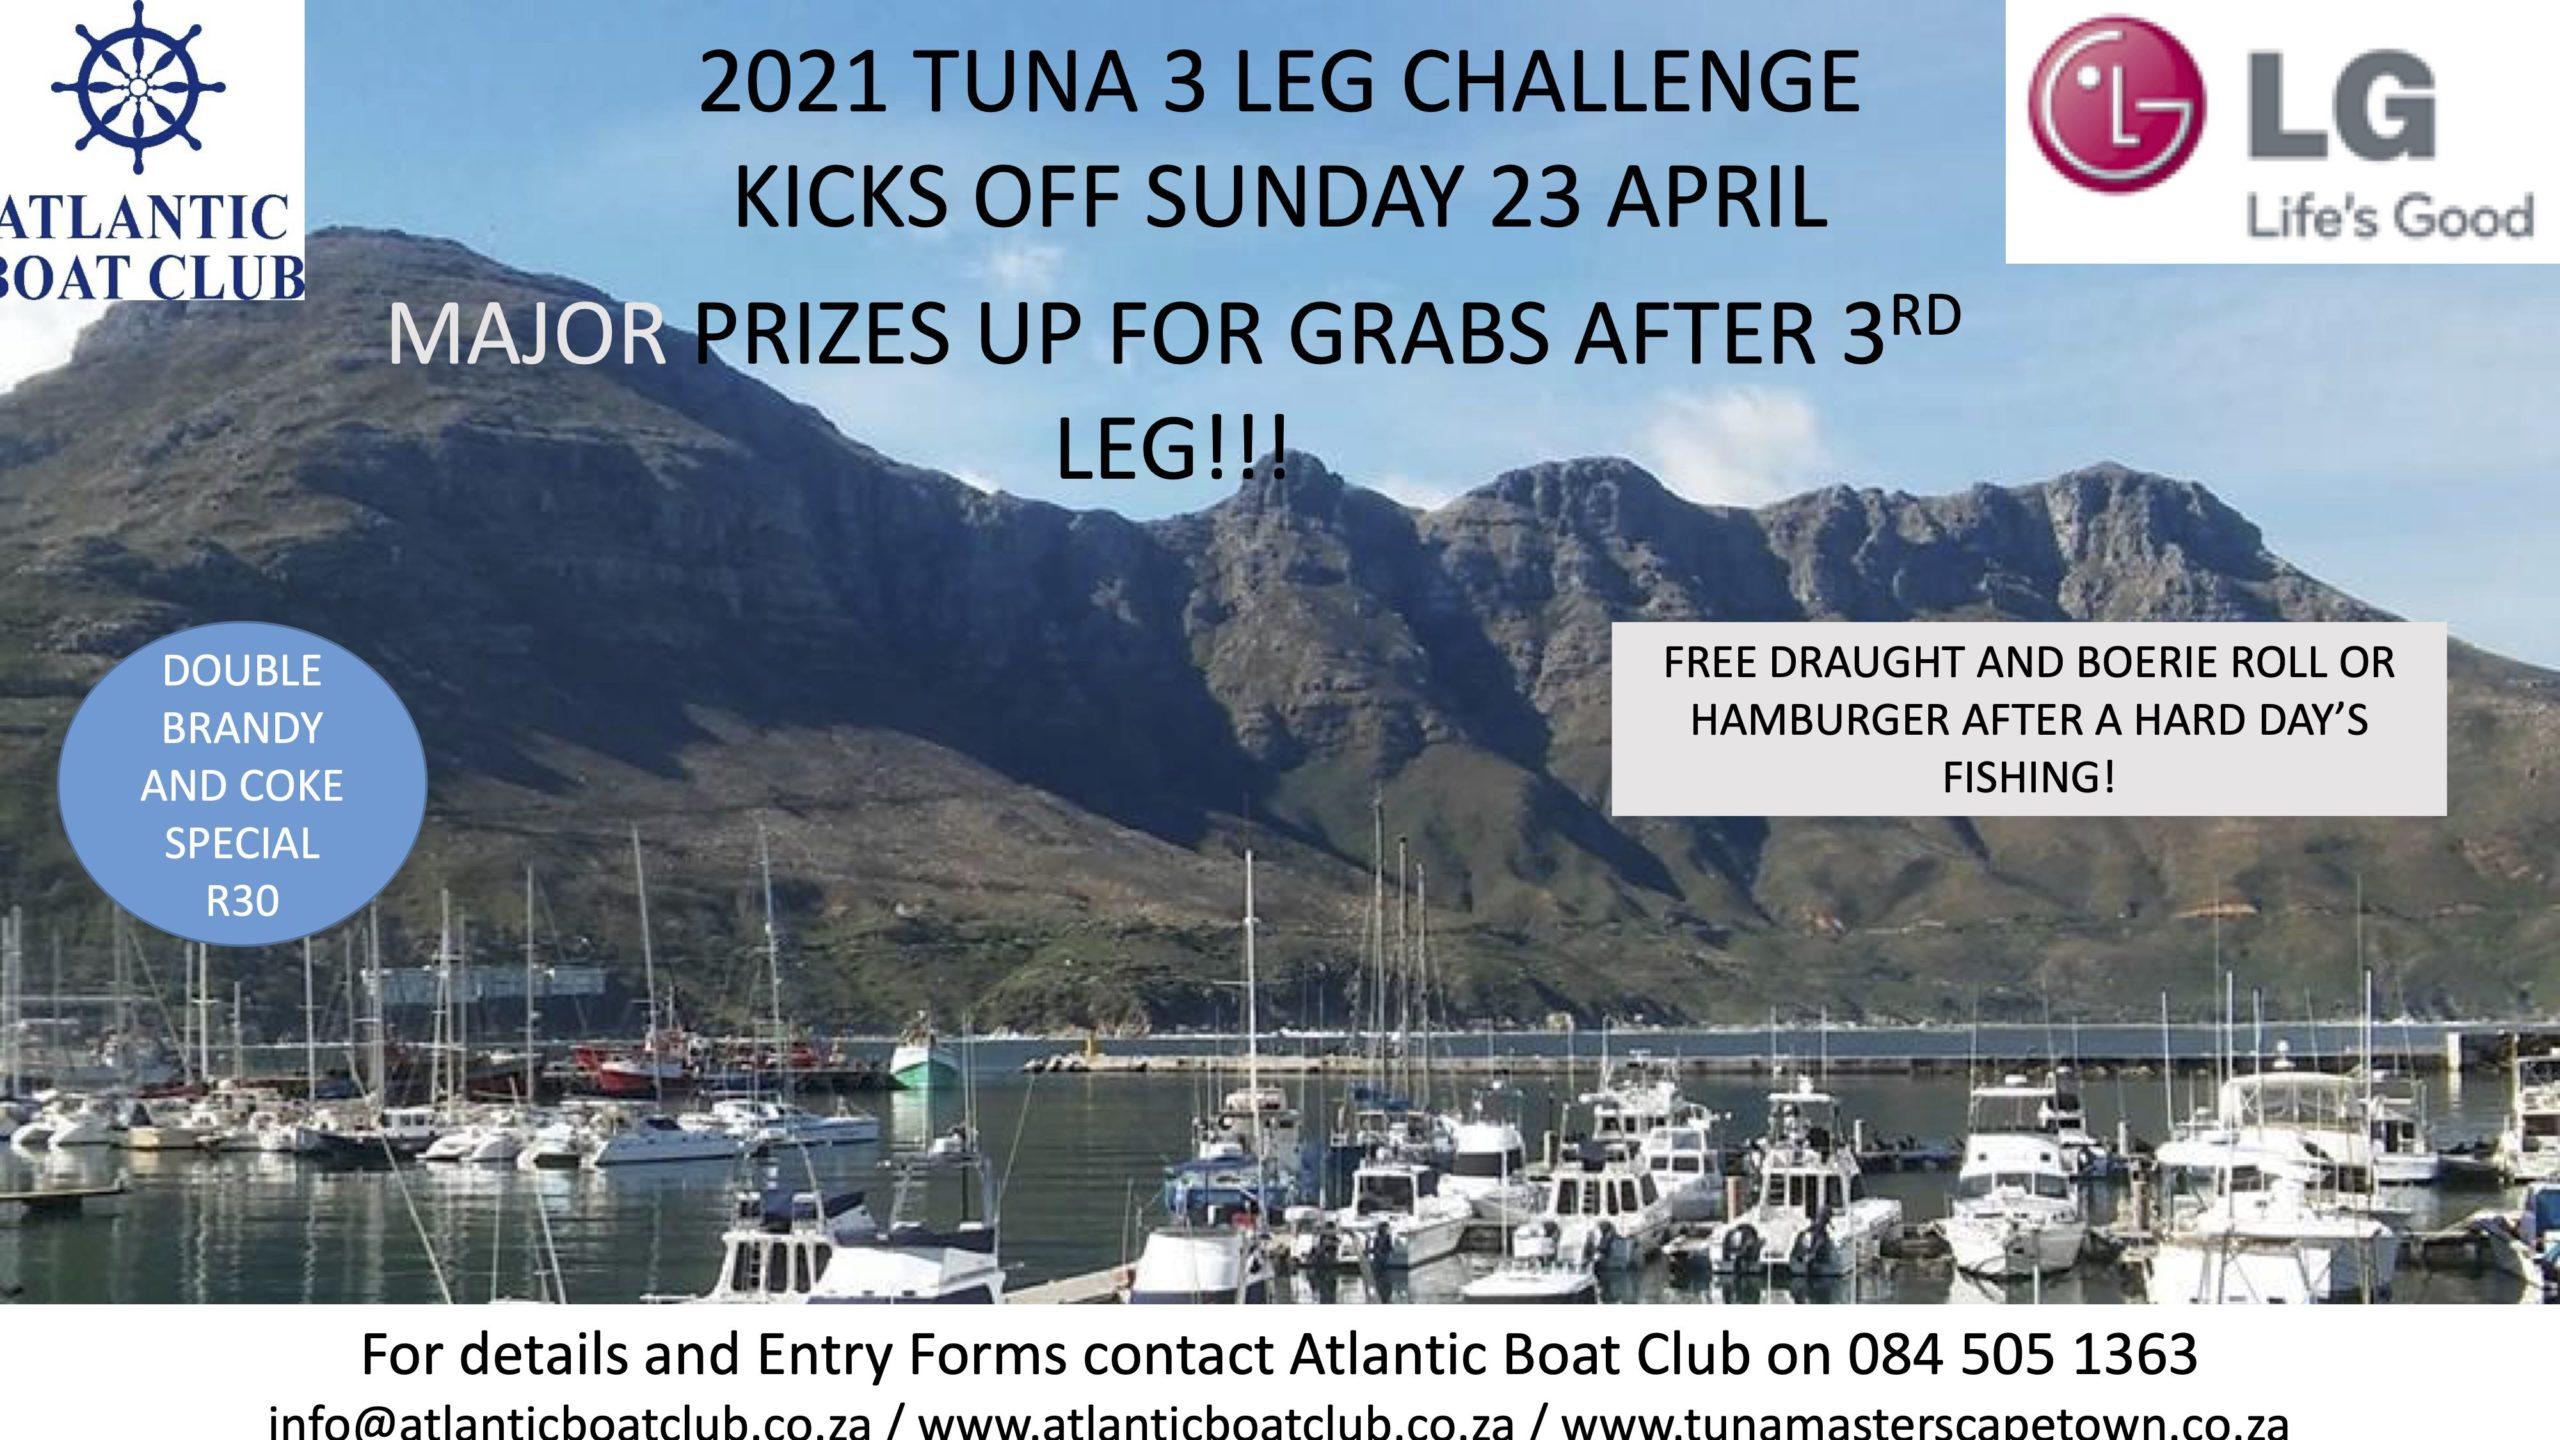 Tuna 3 Leg Challenge